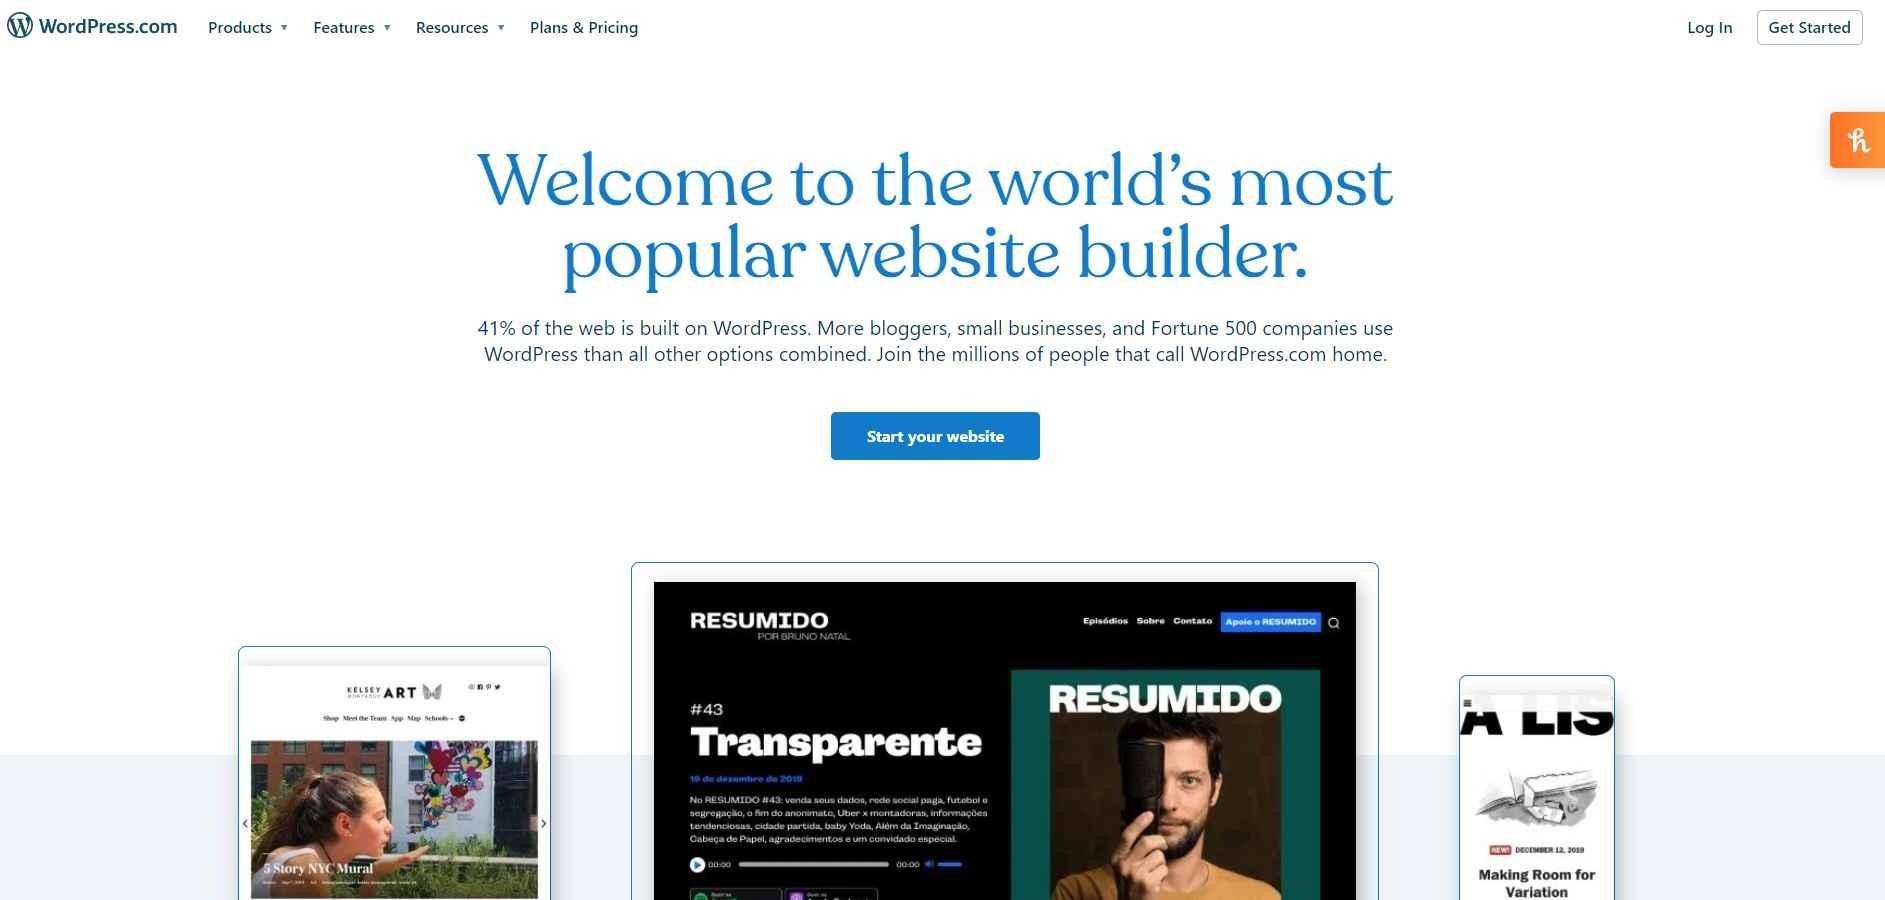 wordpress.com Should I Go for a Cheap Website Design in Singapore